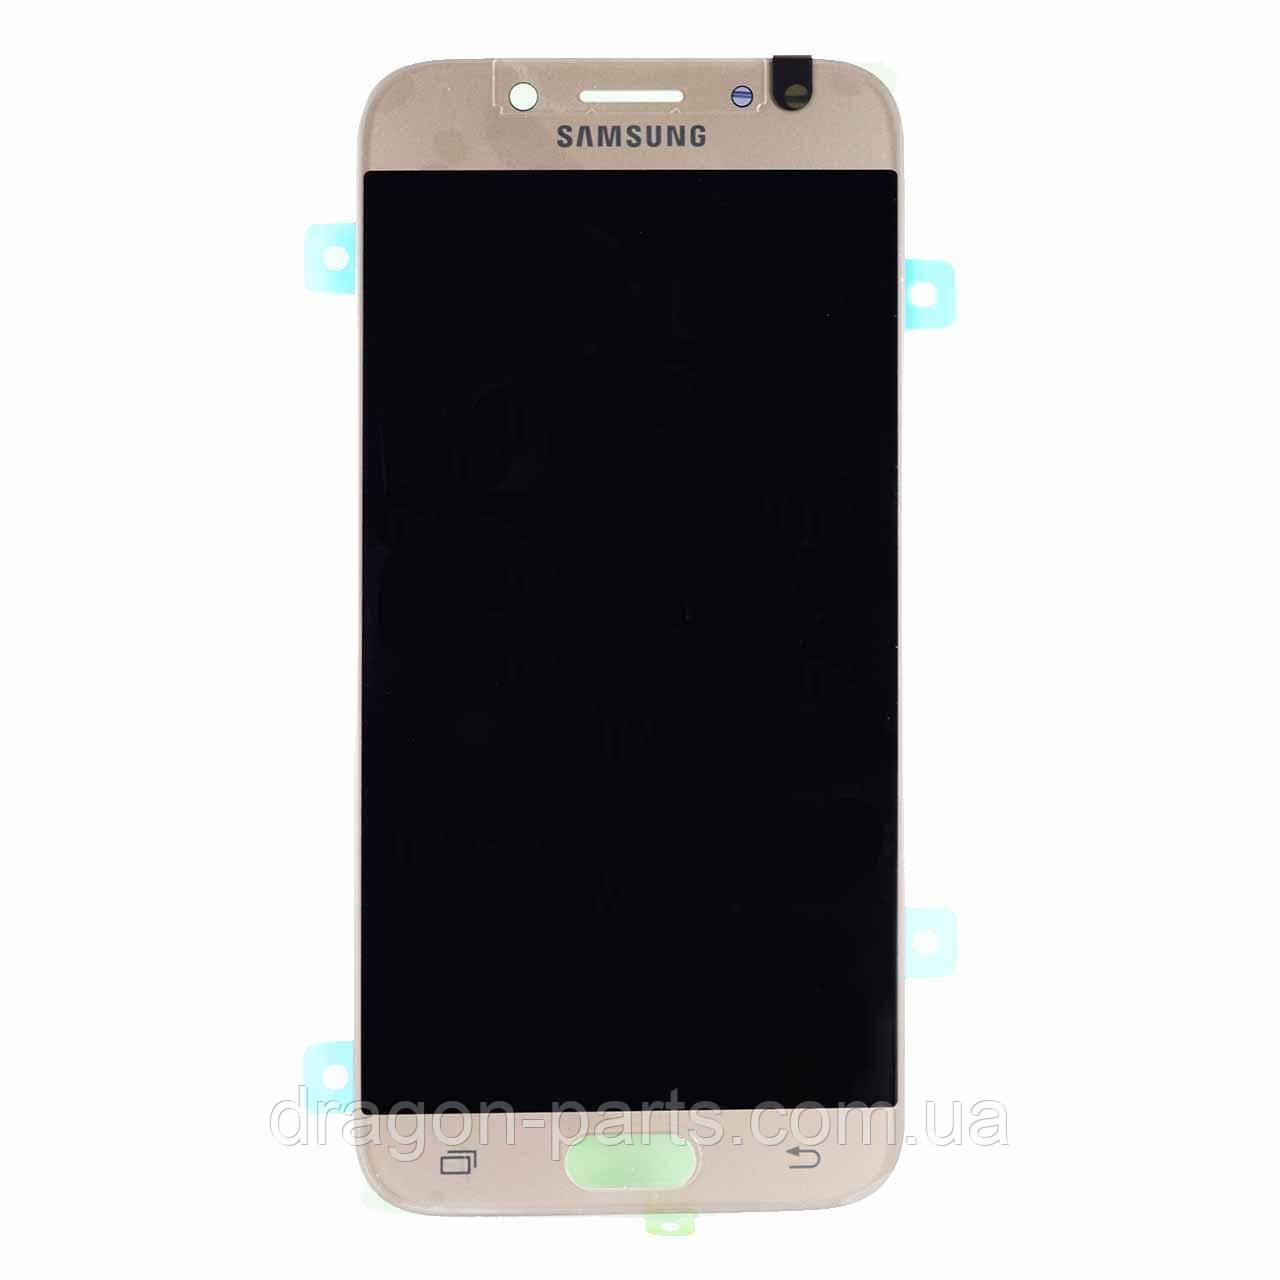 Дисплей Samsung J530 Galaxy J5 2017 с сенсором Золотой Gold оригинал , GH97-20738C